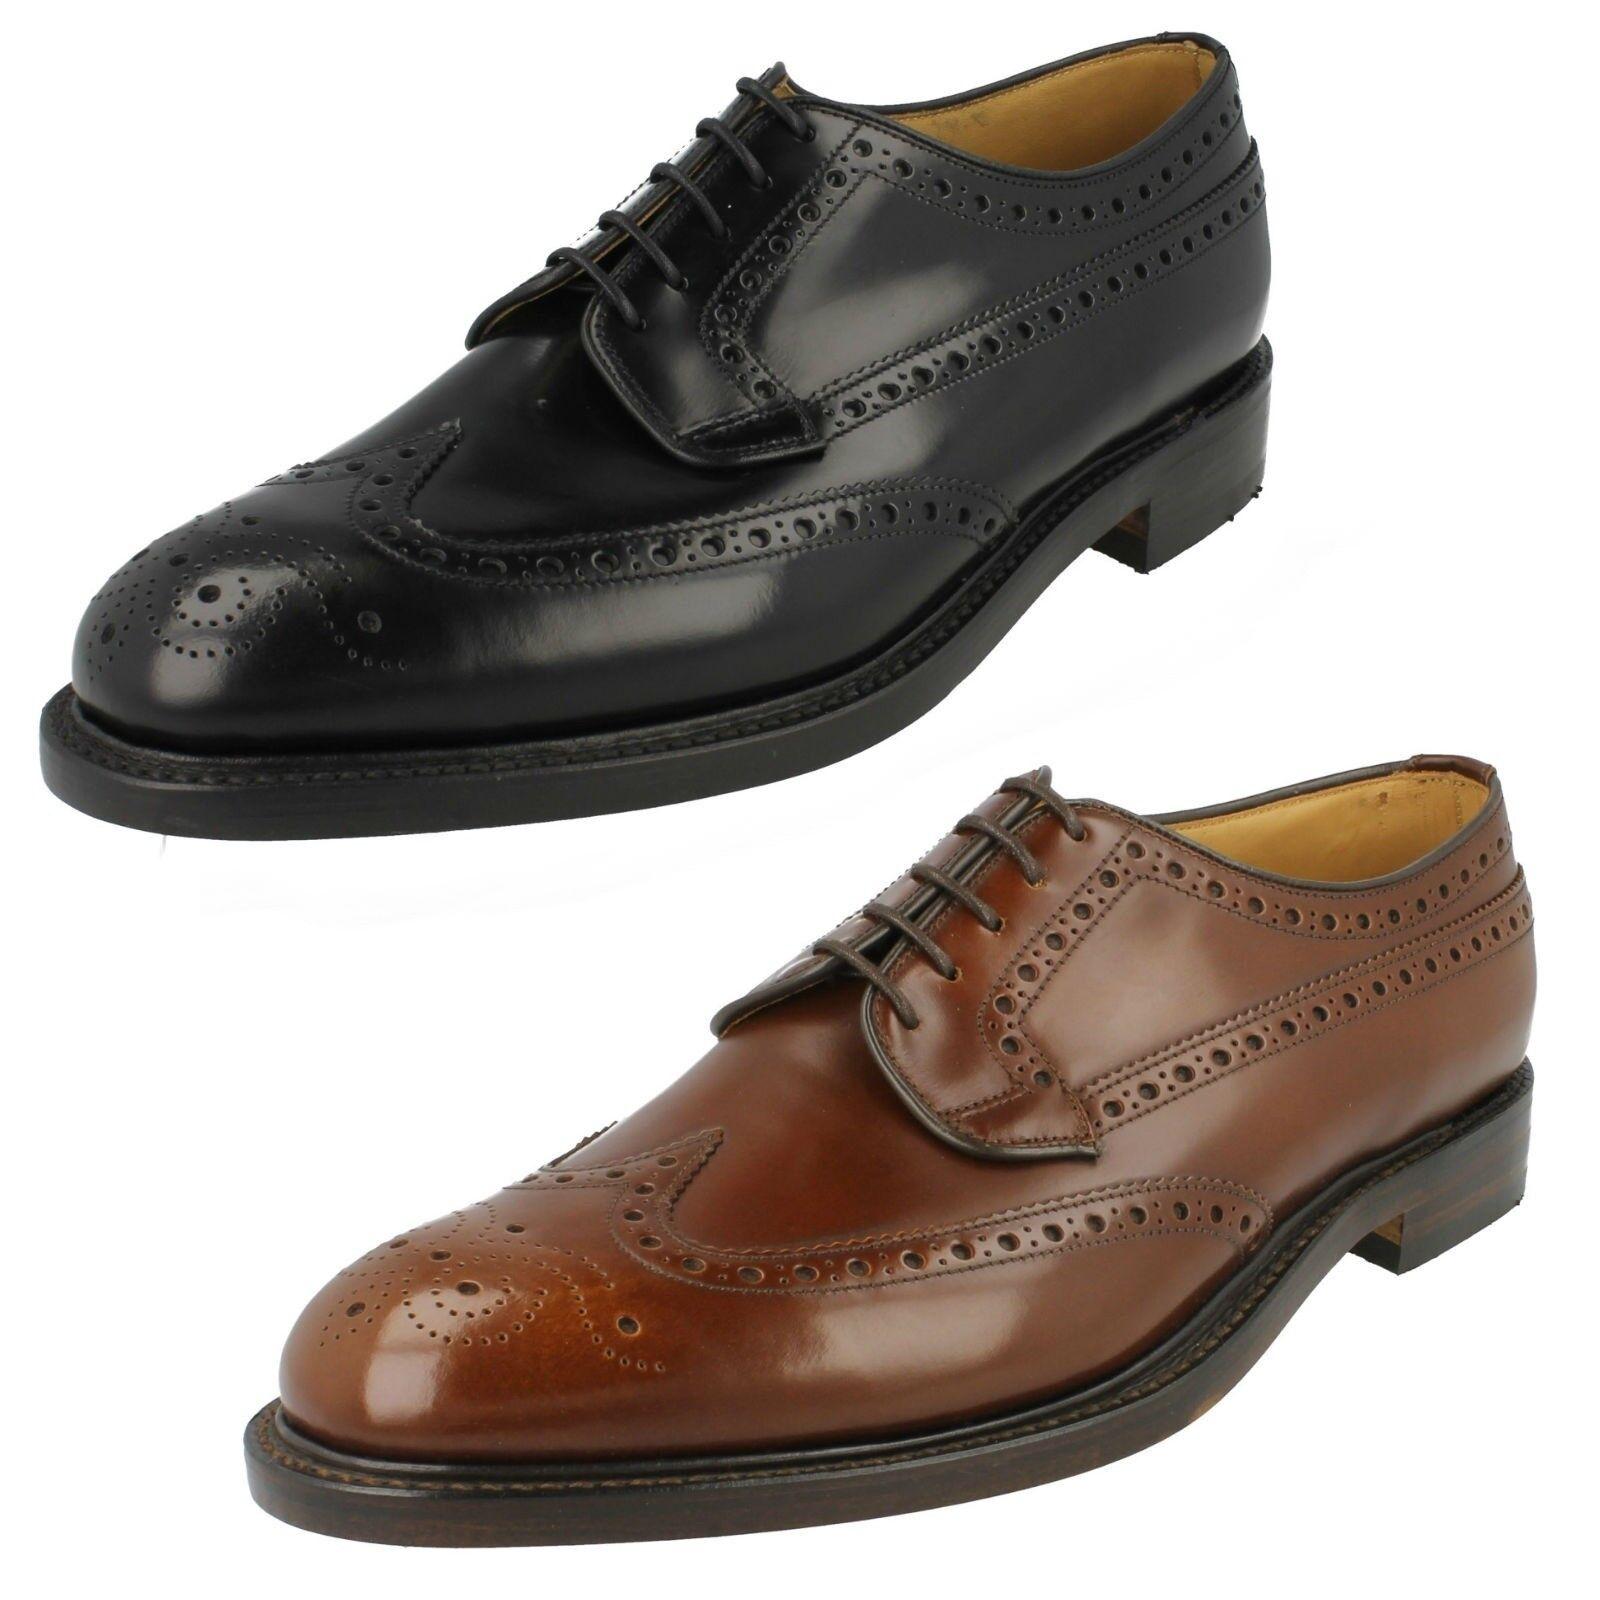 Loake Hombre Cuero Calado Formal Elegante Boda Zapatos con Cordones Braemar